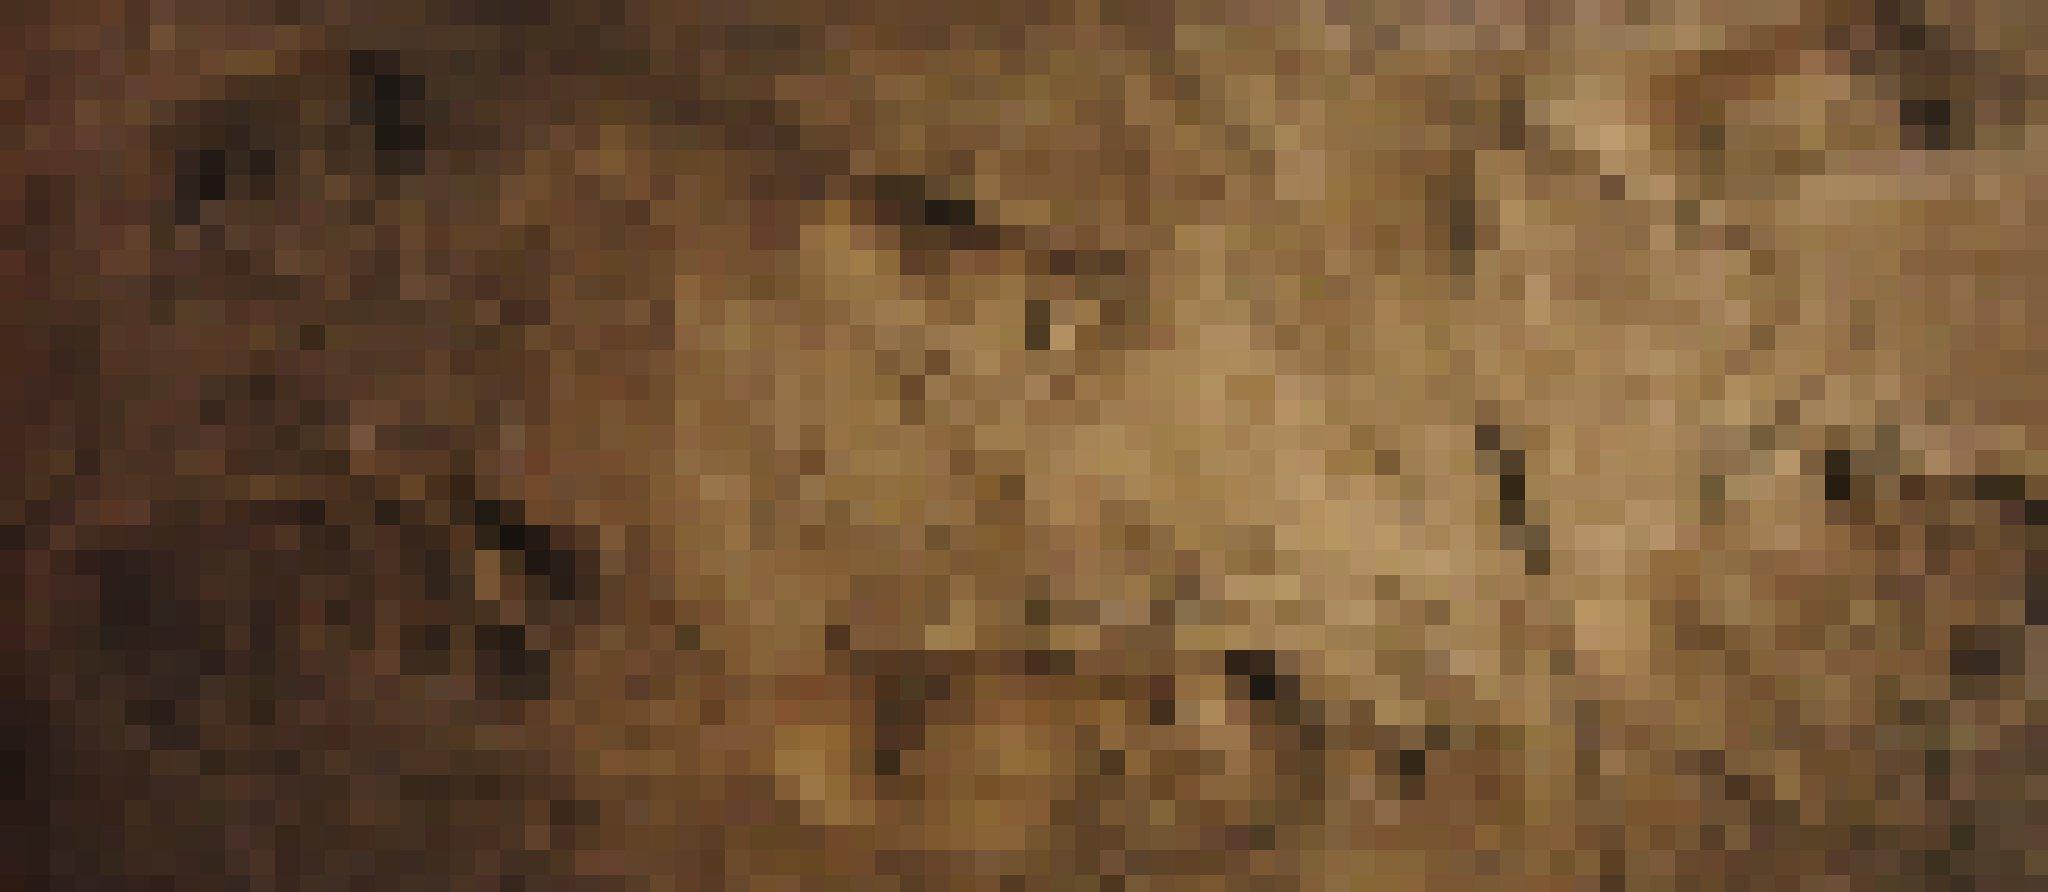 Zu sehen sind eingedrückte Fußspuren auf einem braunen Untergrund. Es handelt sich um die 3,6Millionen Jahre alten versteinerten Fußabdrücke von Vormenschen der Art Australopithecus afarensis – hier als Nachbildung des nationalen Museums für Natur und Wissenschaft in Tokio. Die in vulkanischer Asche hinterlassenen Spuren beweisen, dass die Vormenschen bereits auf zwei Beinen liefen.